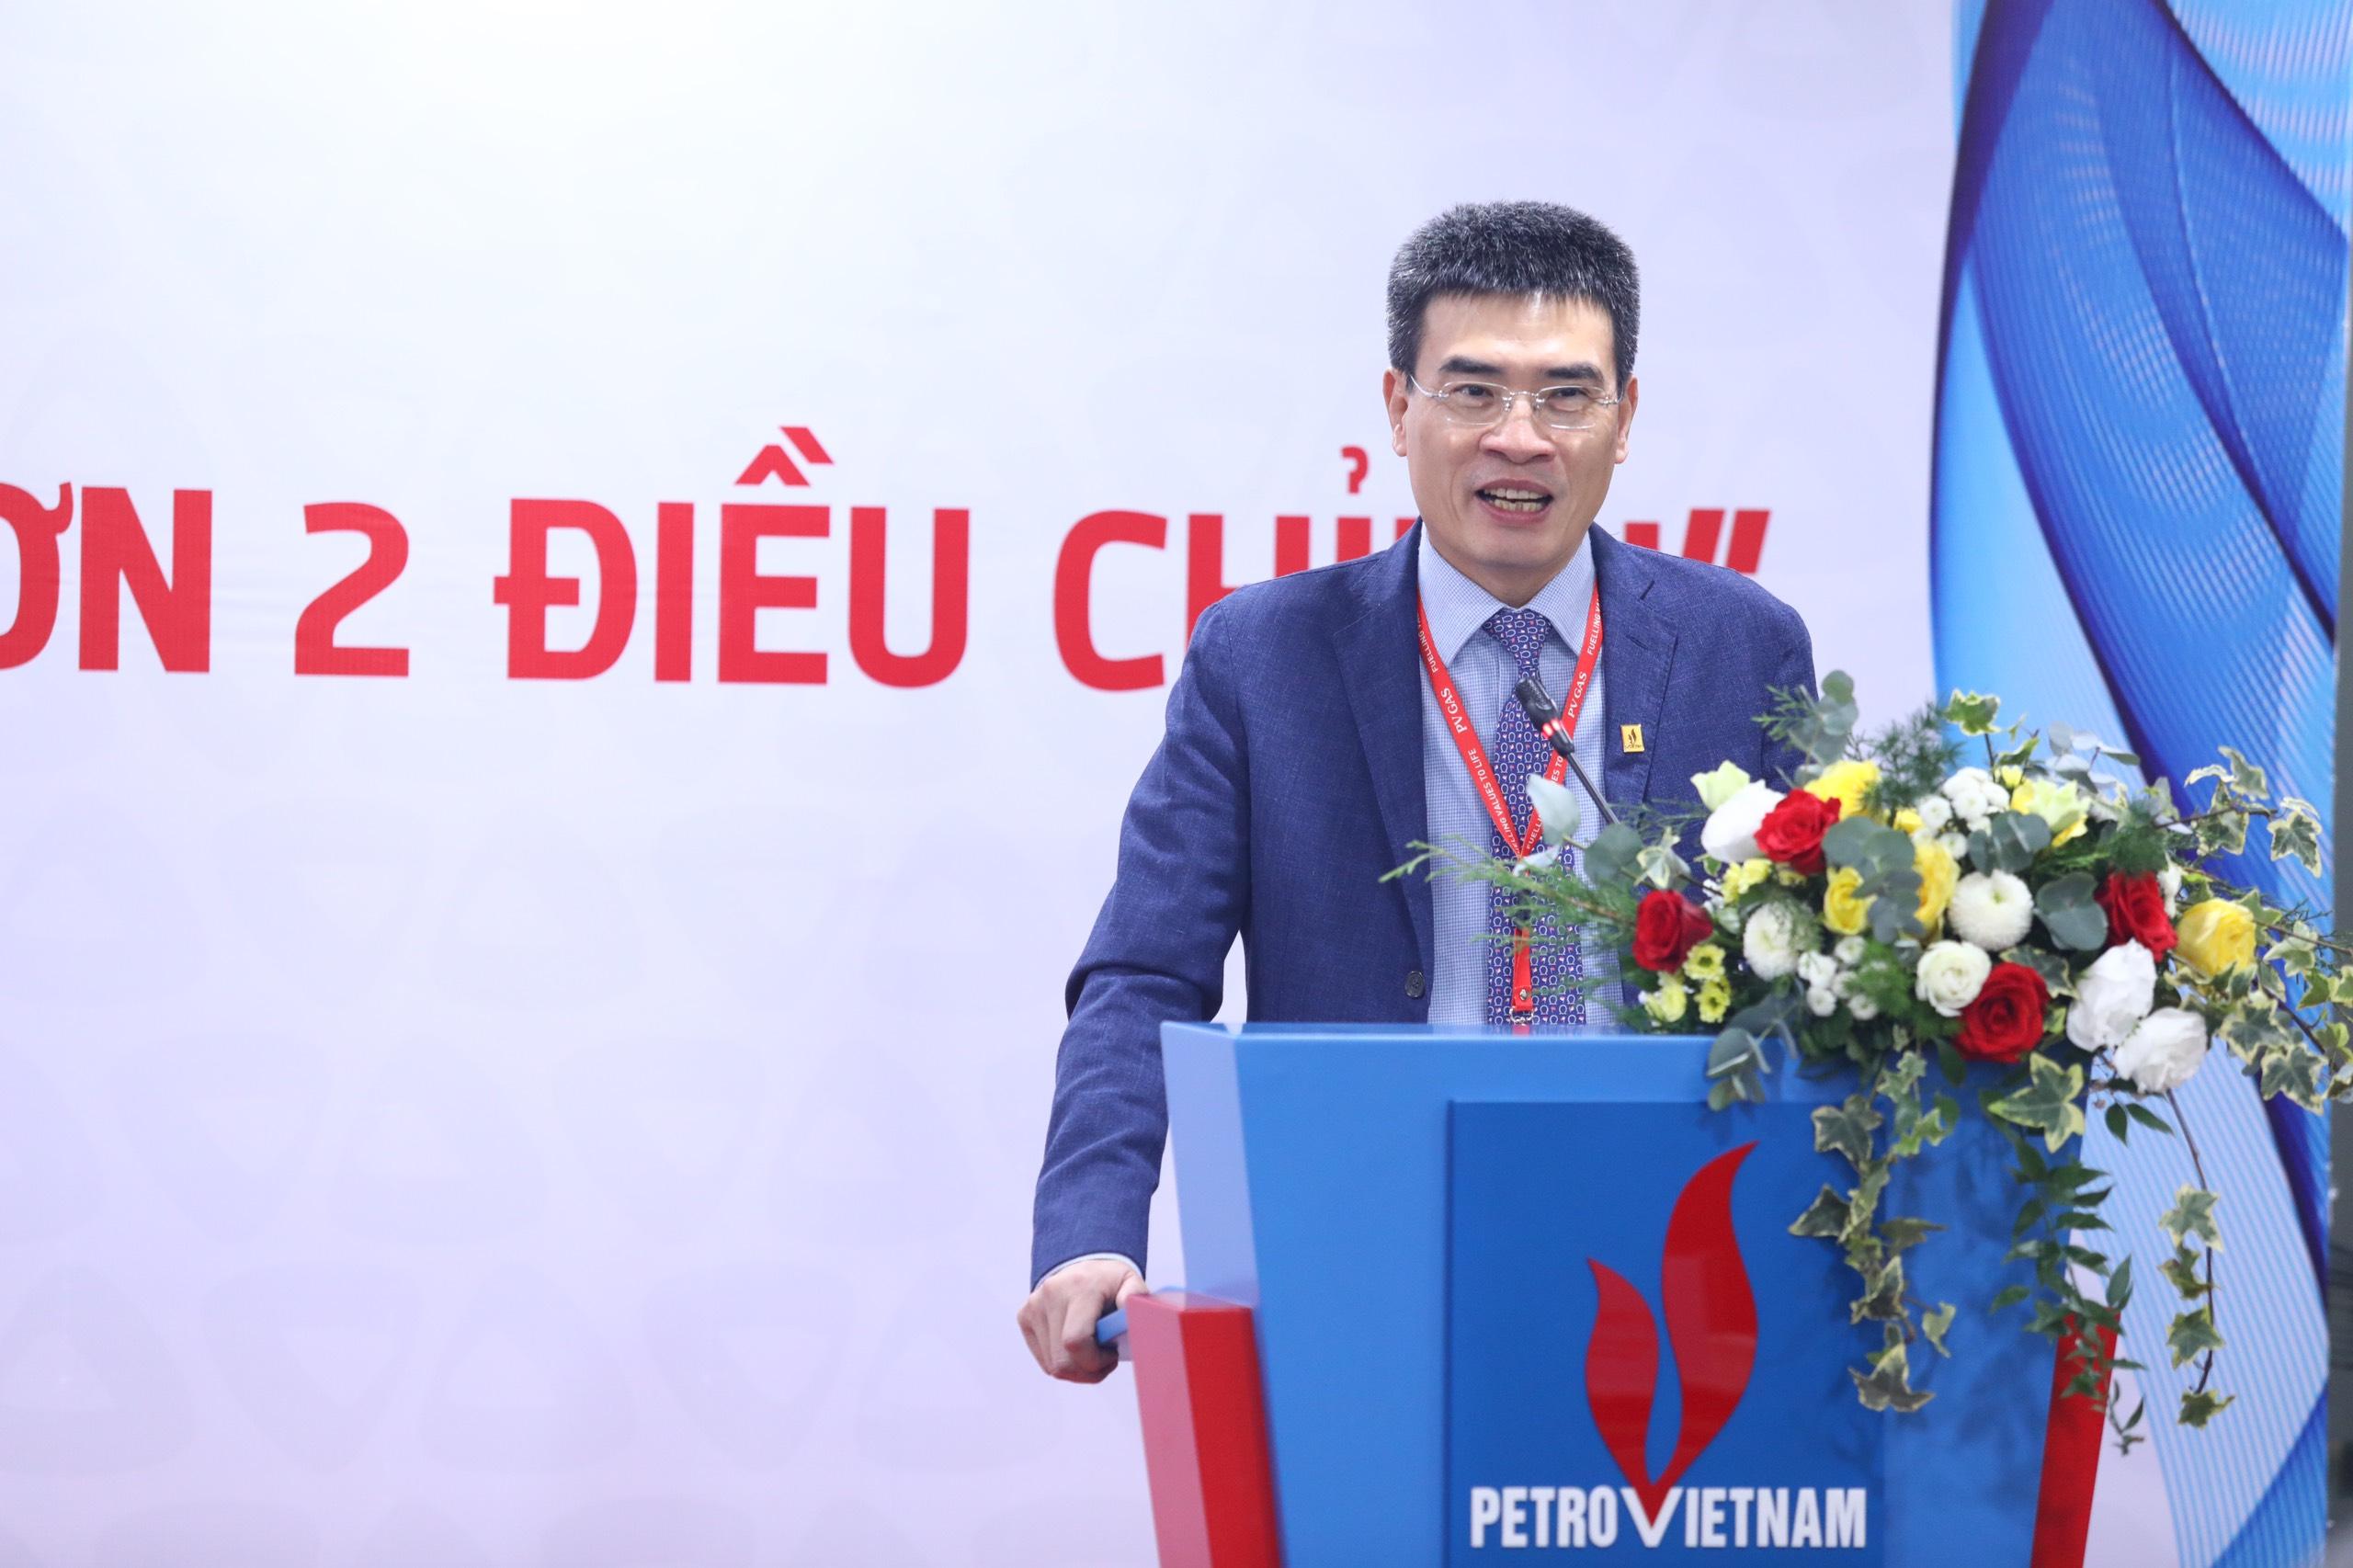 Phát biểu chúc mừng Lễ ký kết của ông Dương Mạnh Sơn, Bí thư Đảng ủy – TGĐ PV GAS